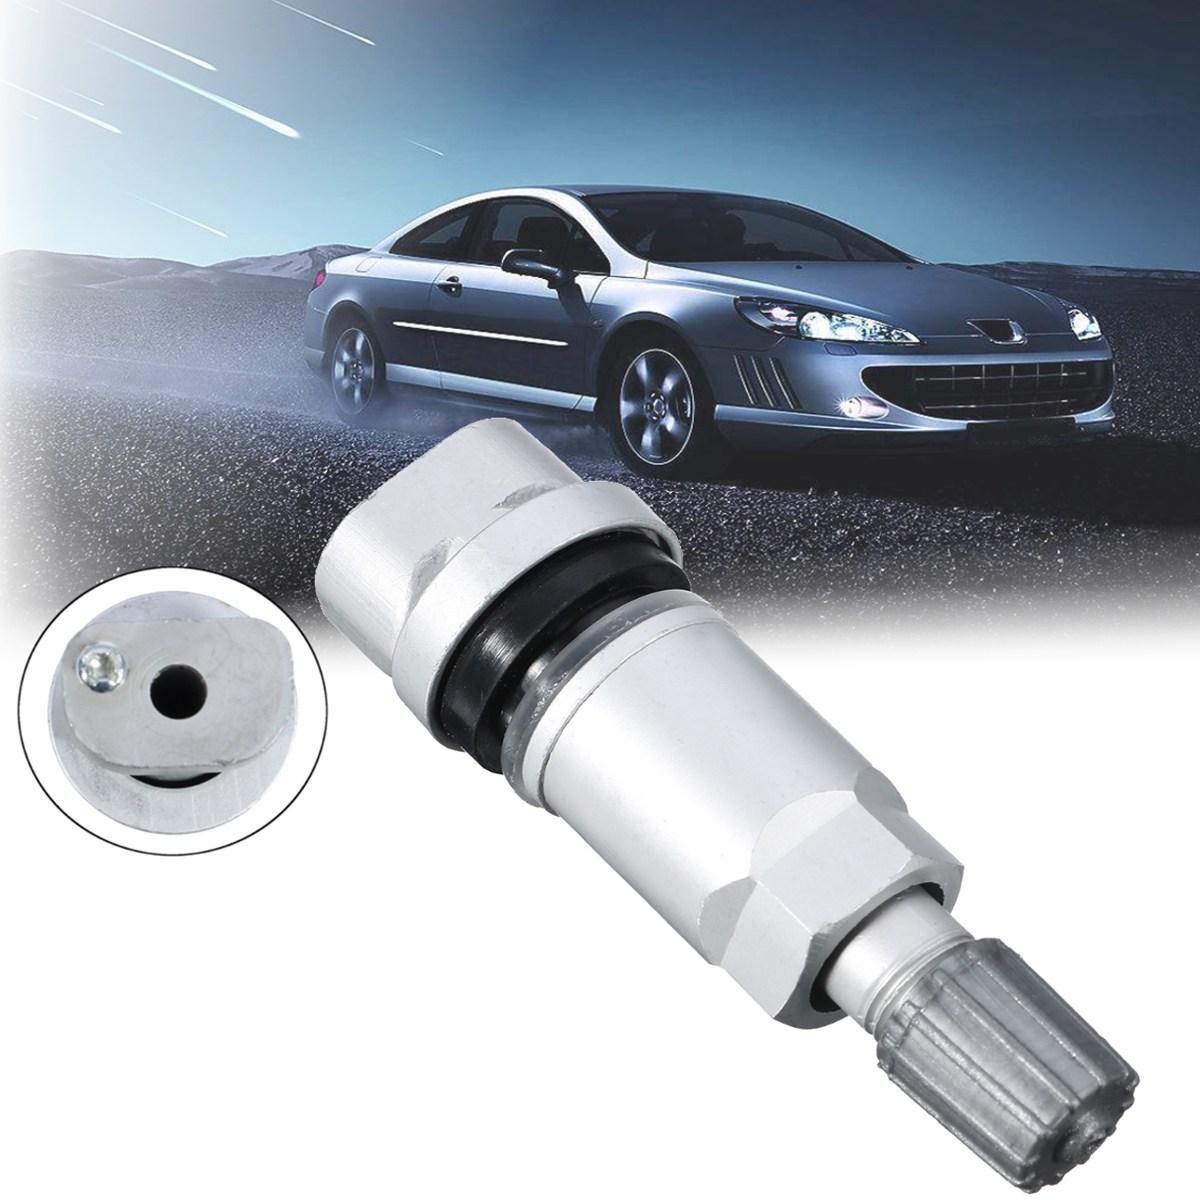 TPMS Tyre Pressure Sensor Valve Repair Kit Tool For Peugeot 407 607 807 /Citroen C4 C5